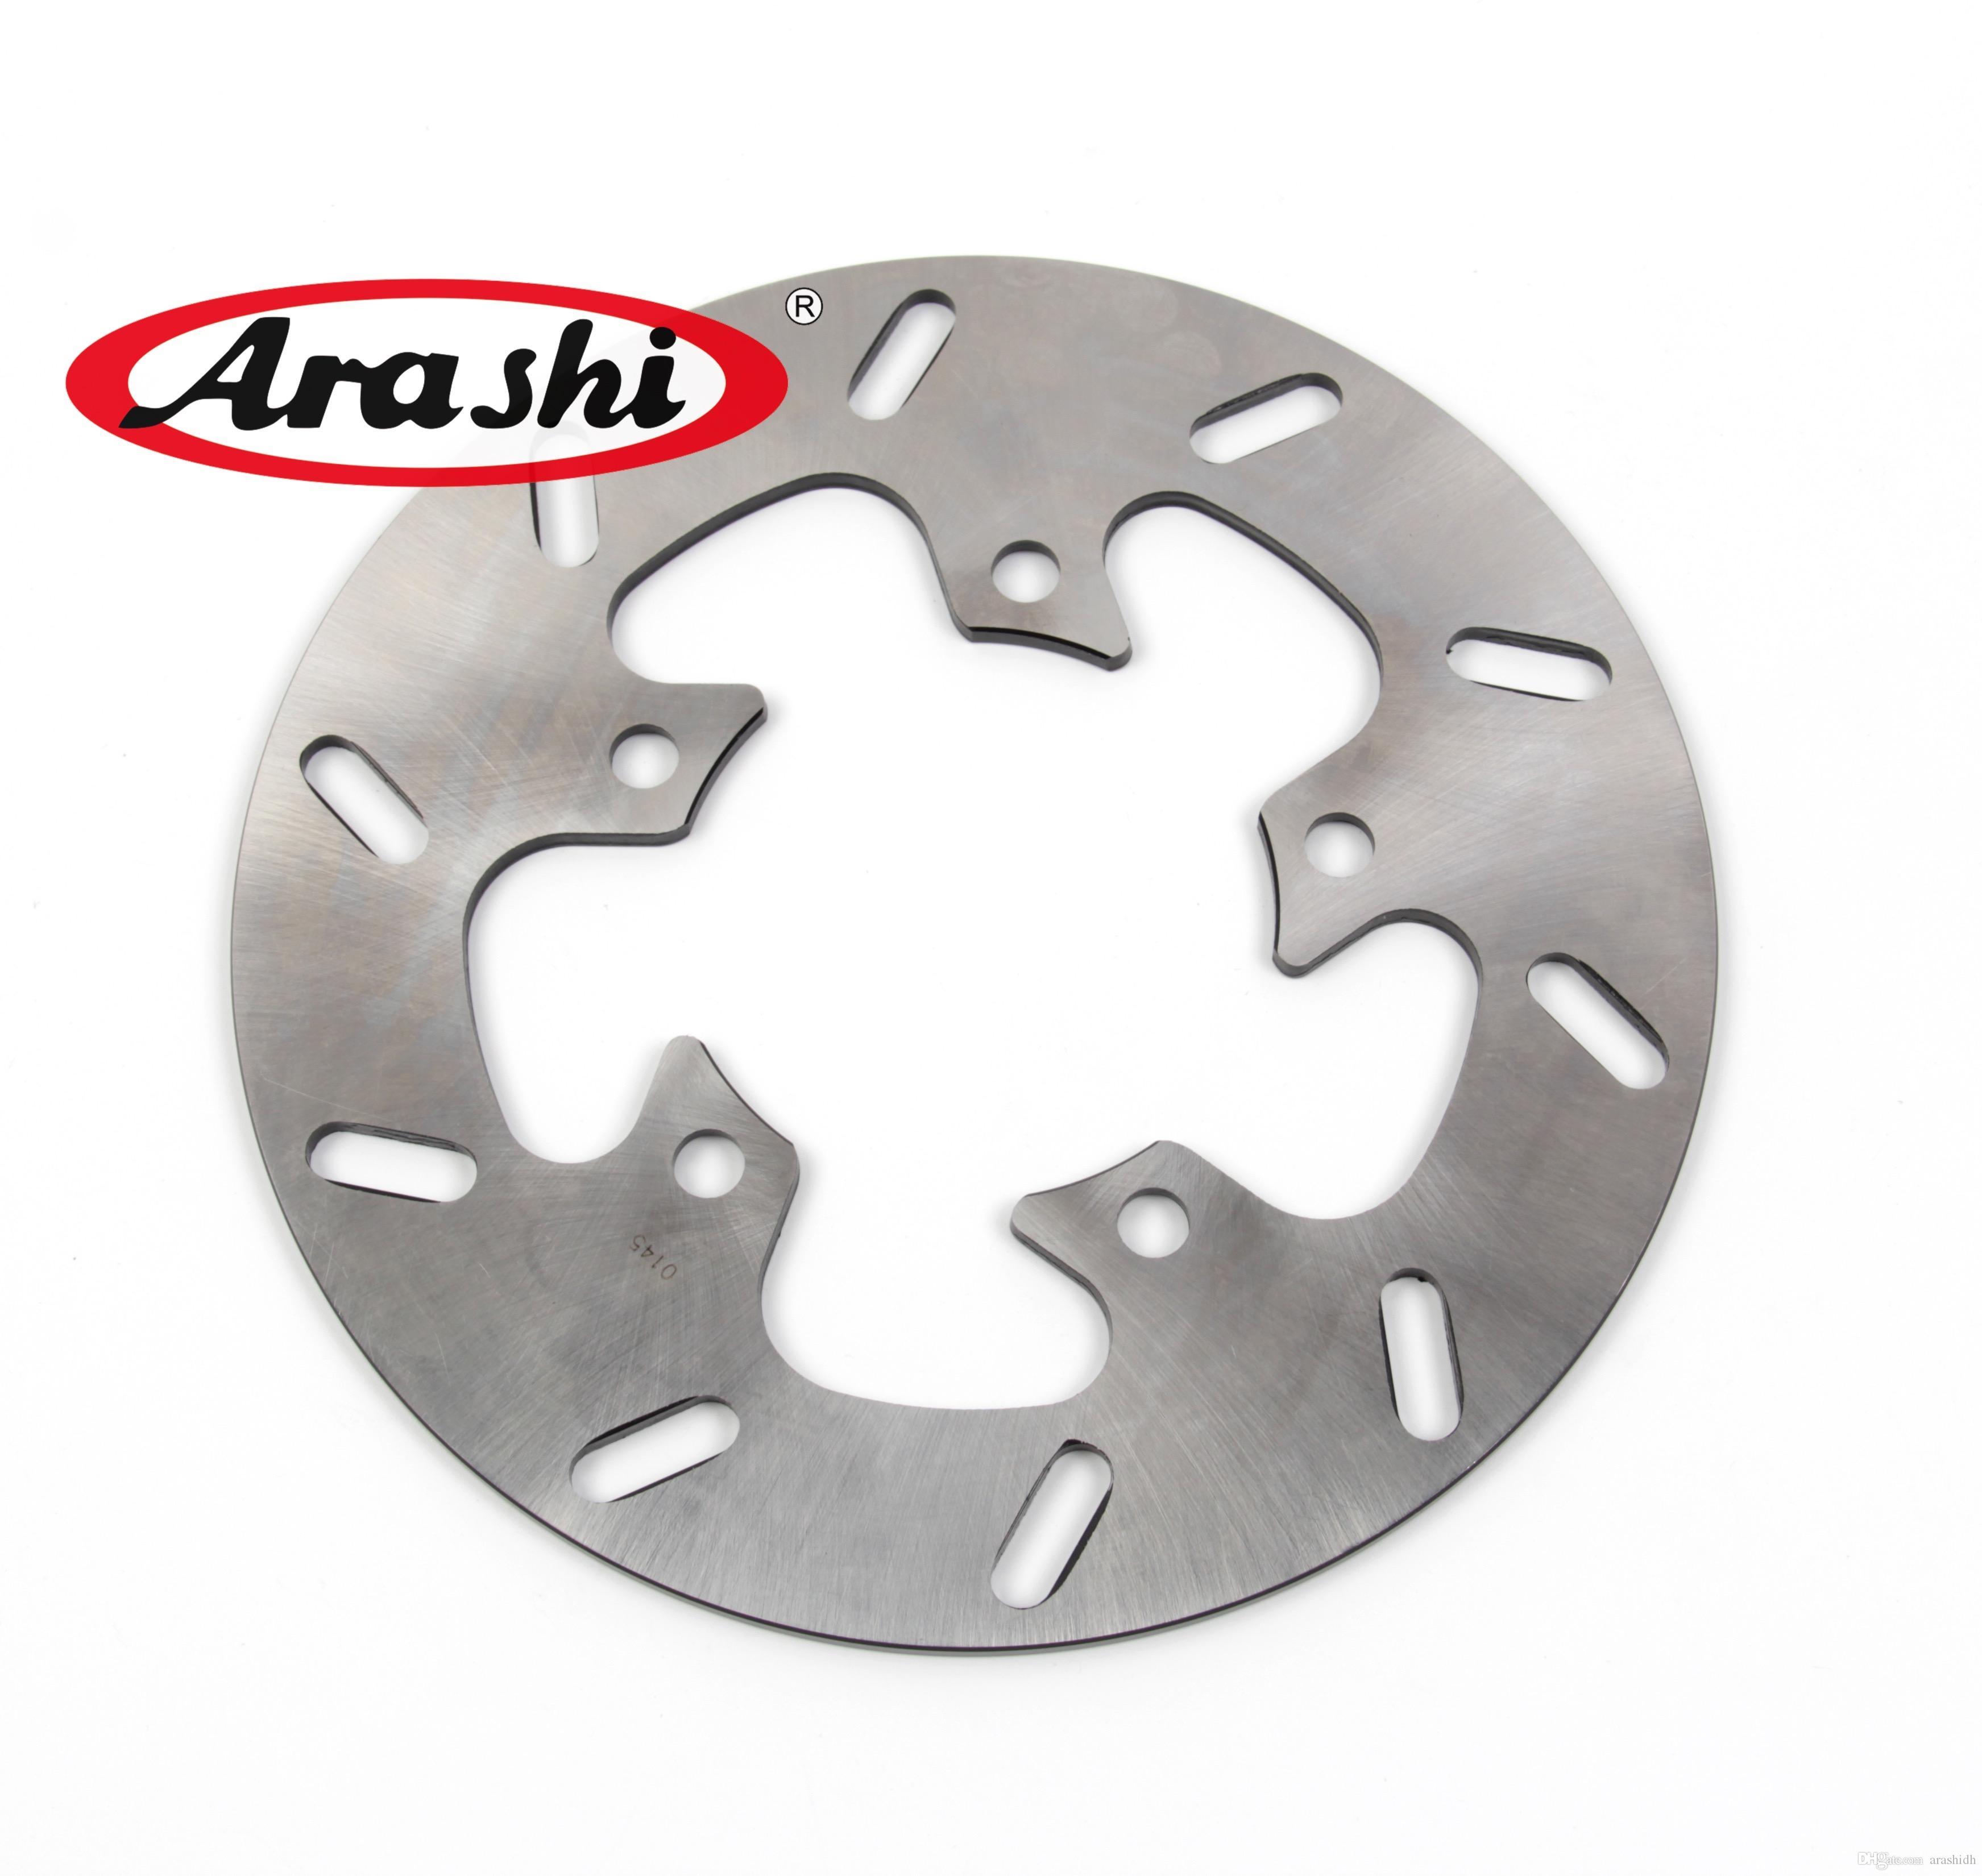 ARASHI для Suzuki SV650 2003-2010 задний тормозной диск Ротор диска мотоцикла SV 650 2004 2005 2006 2007 2008 2009 GSXR 600 TL1000R